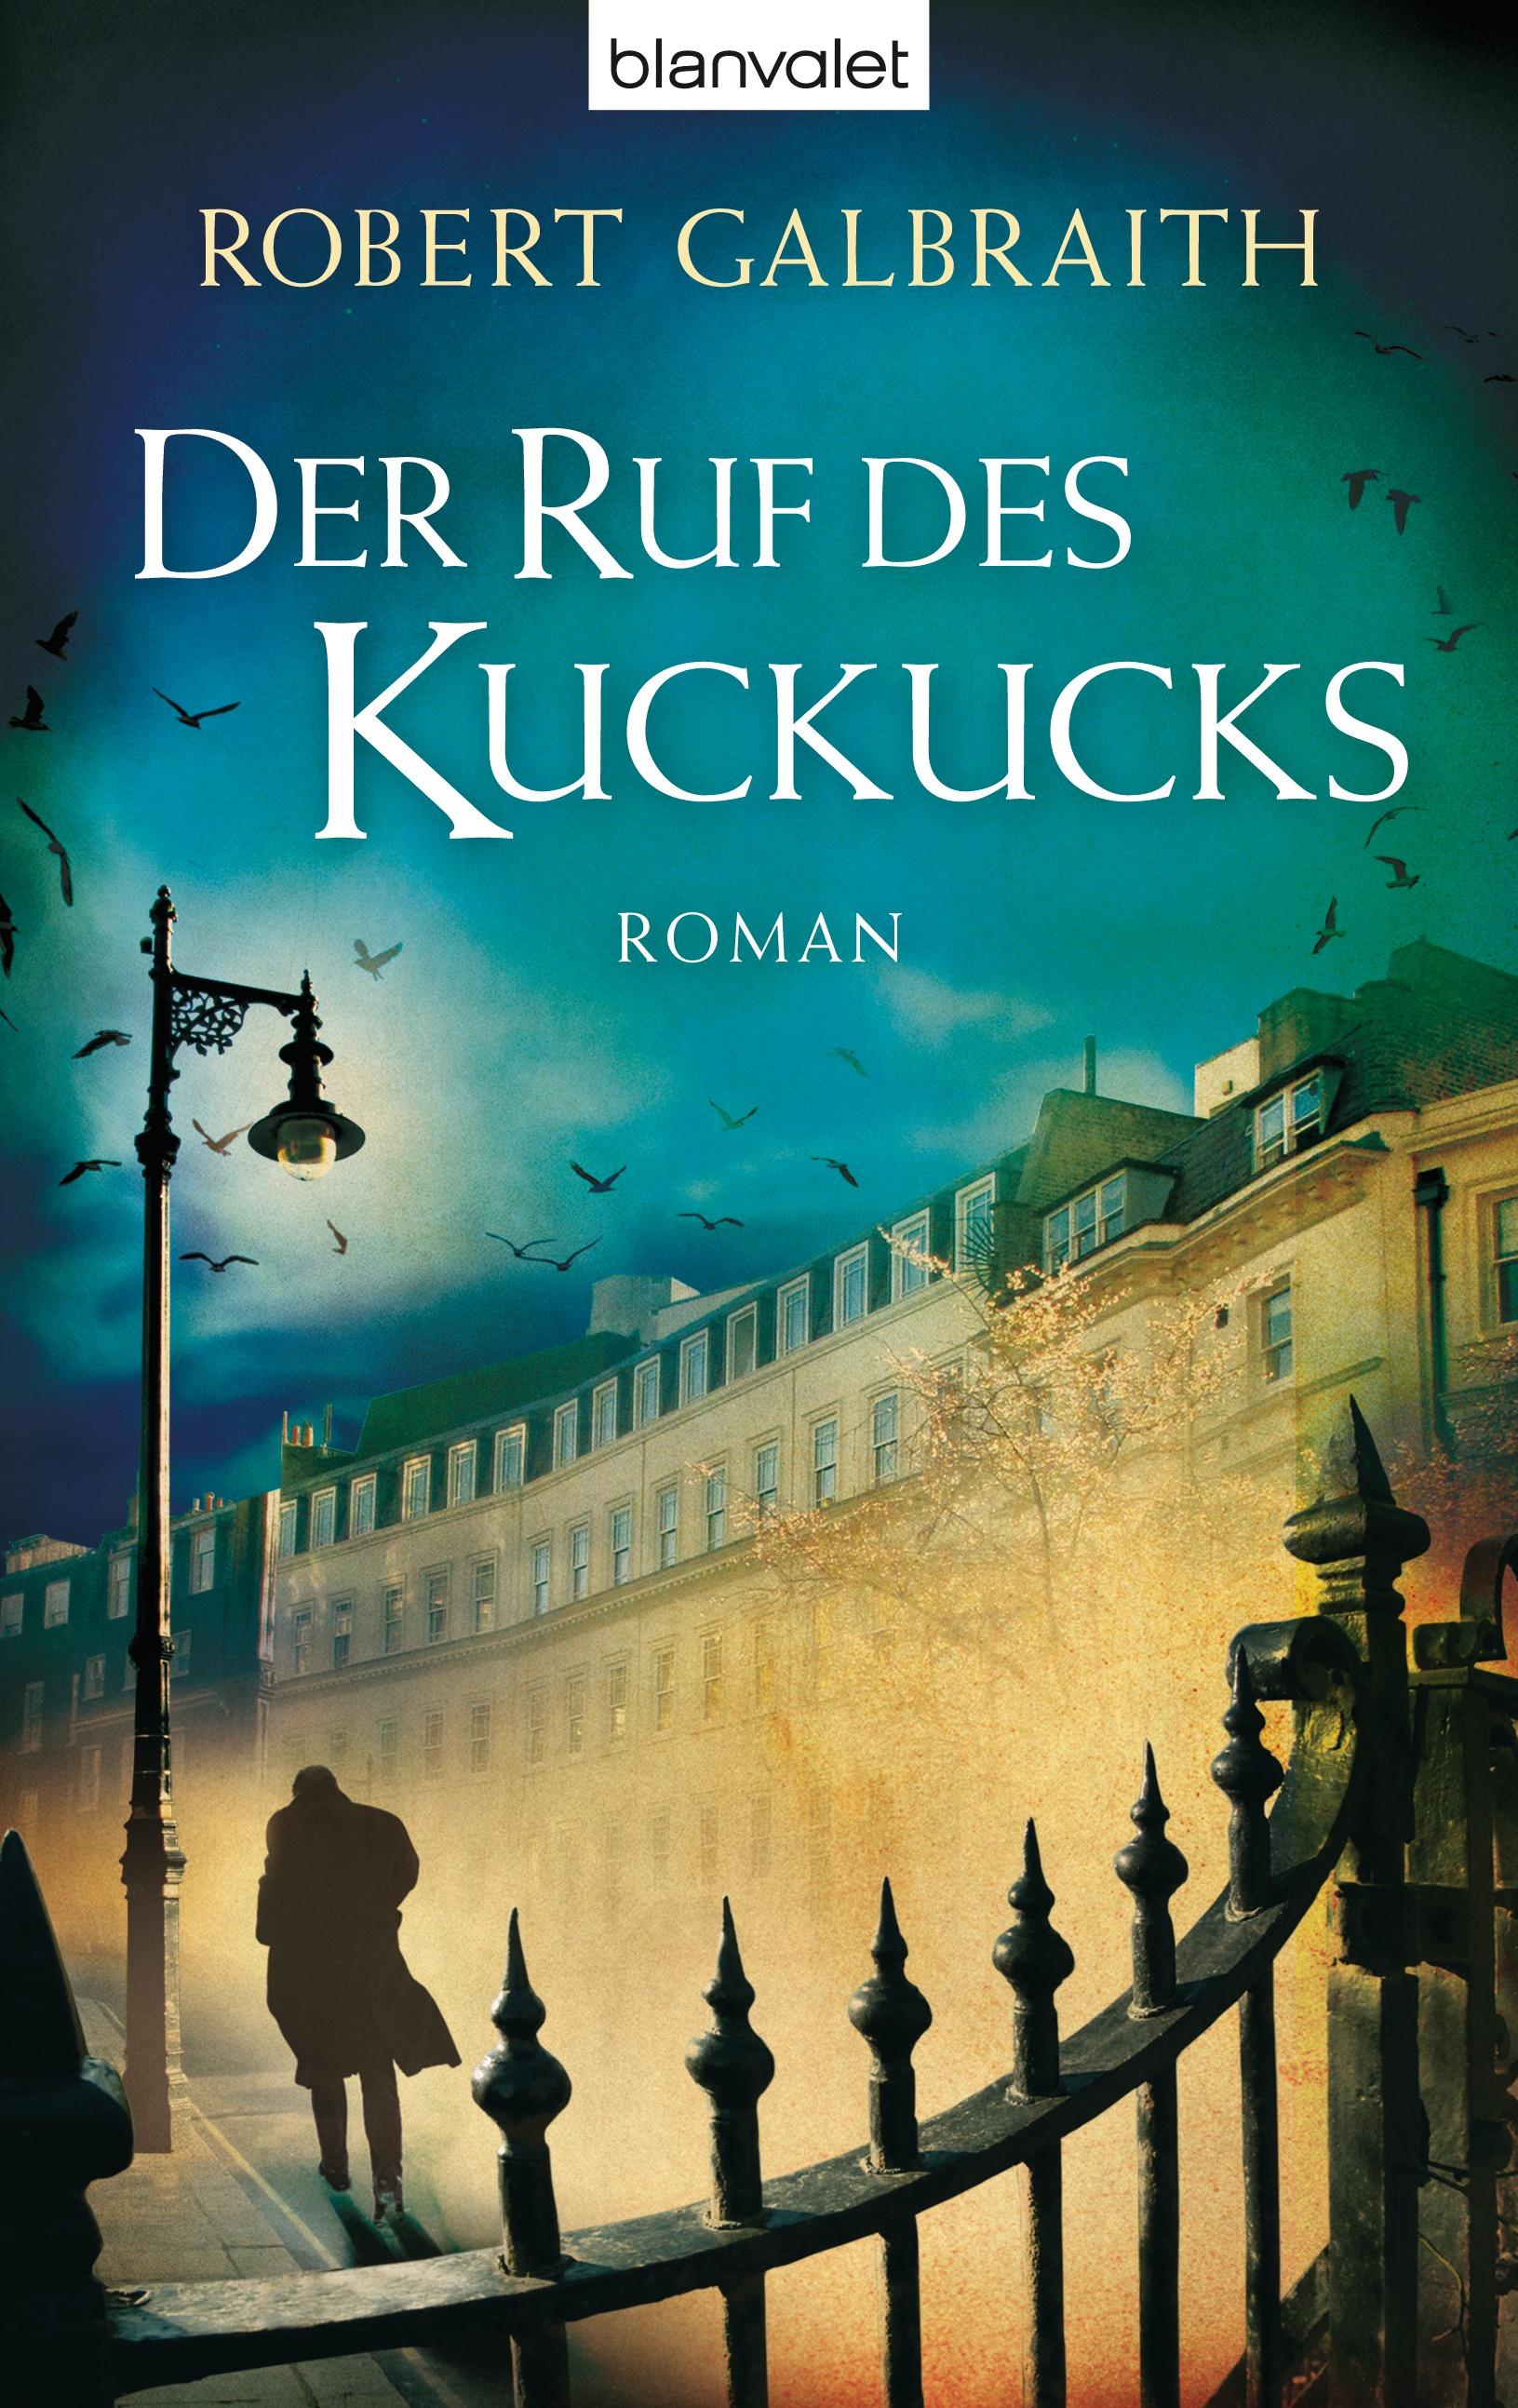 Der Ruf des Kuckucks - Robert Galbraith